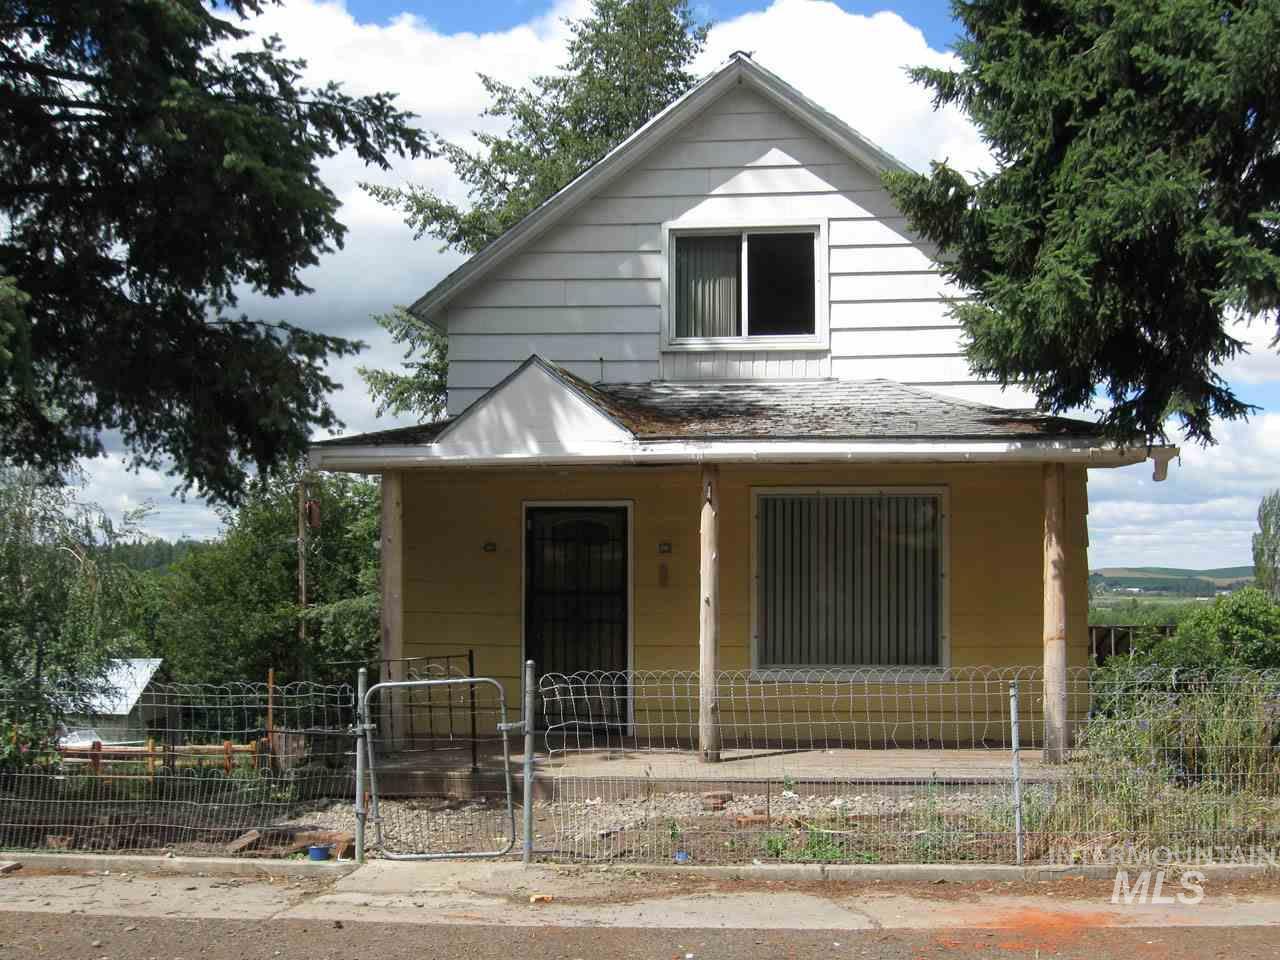 740 Cedar, Potlatch, ID 83855